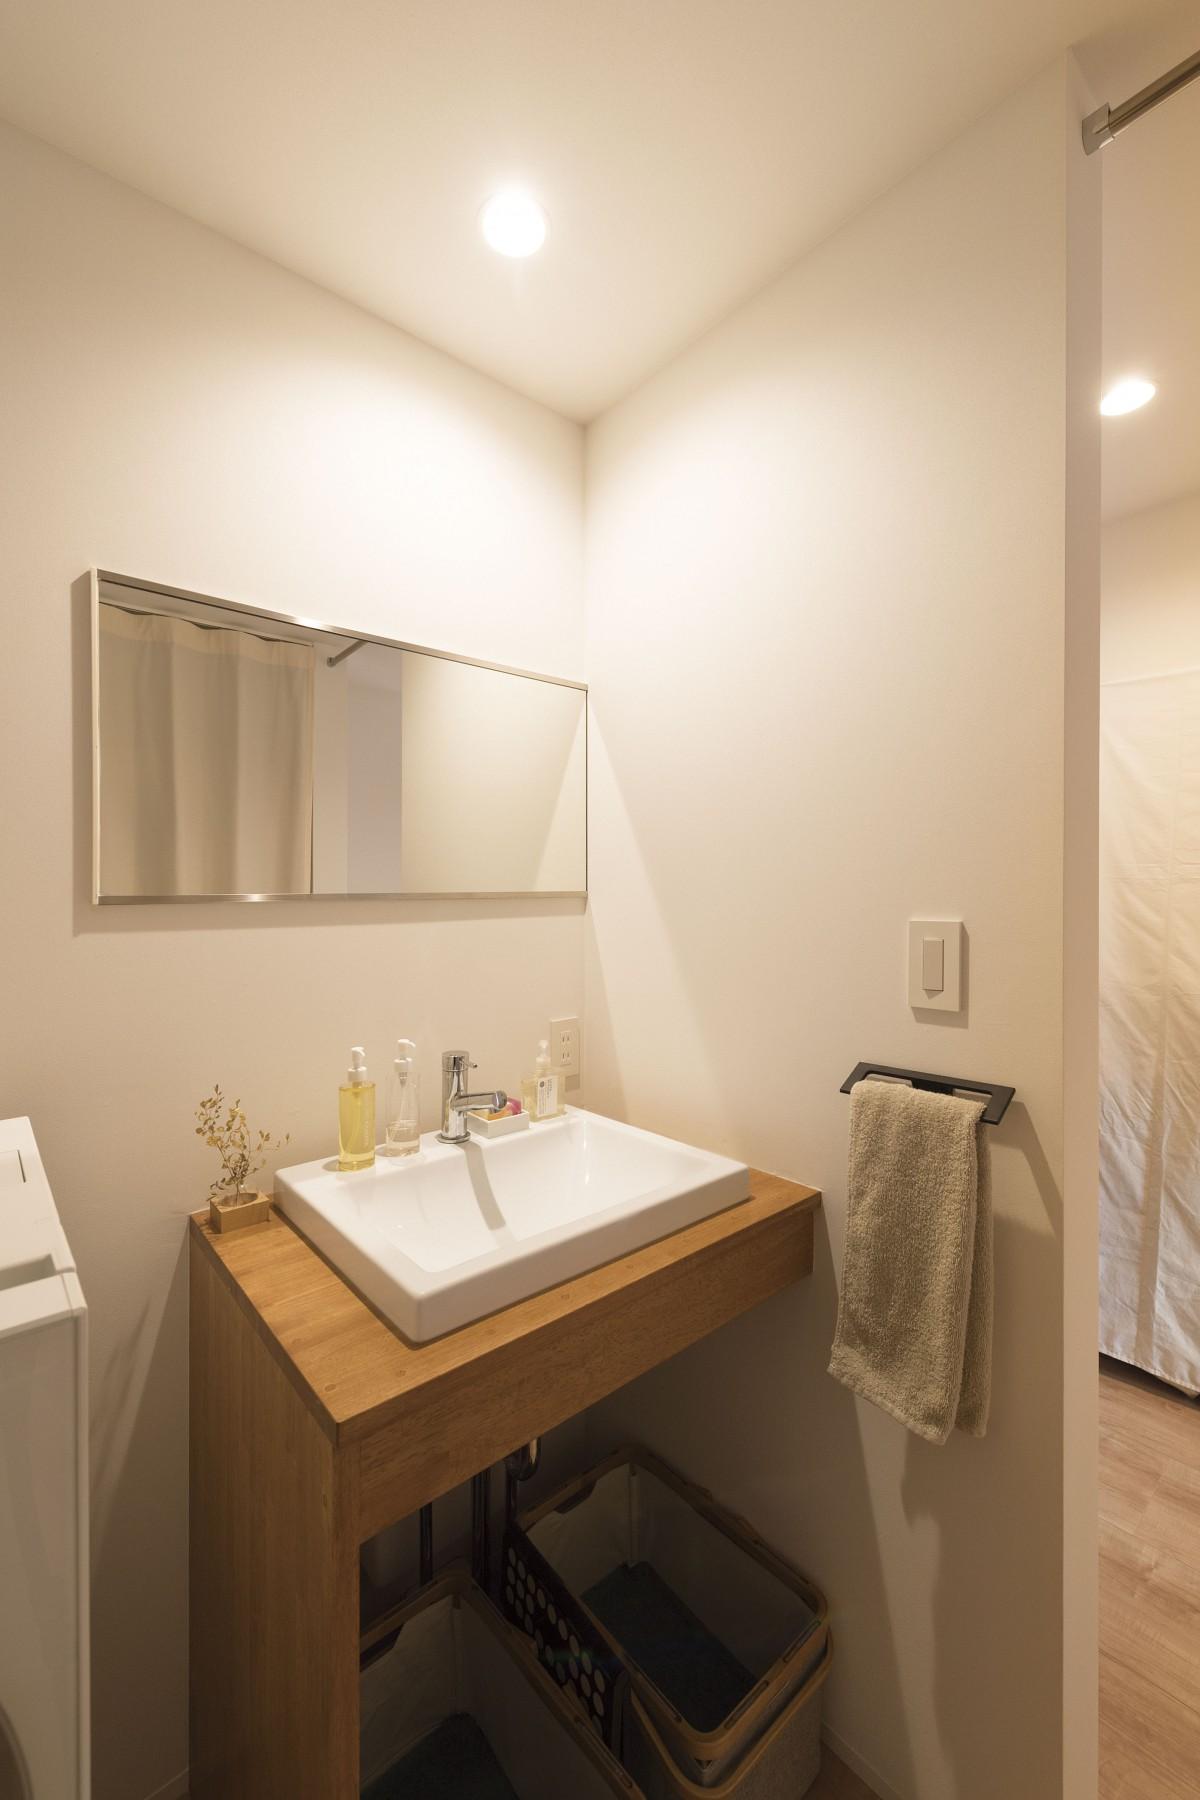 手作りの洗面台は大工さんの手作り。 鮮やかな石鹸がより洗面台を鮮やかに彩ります